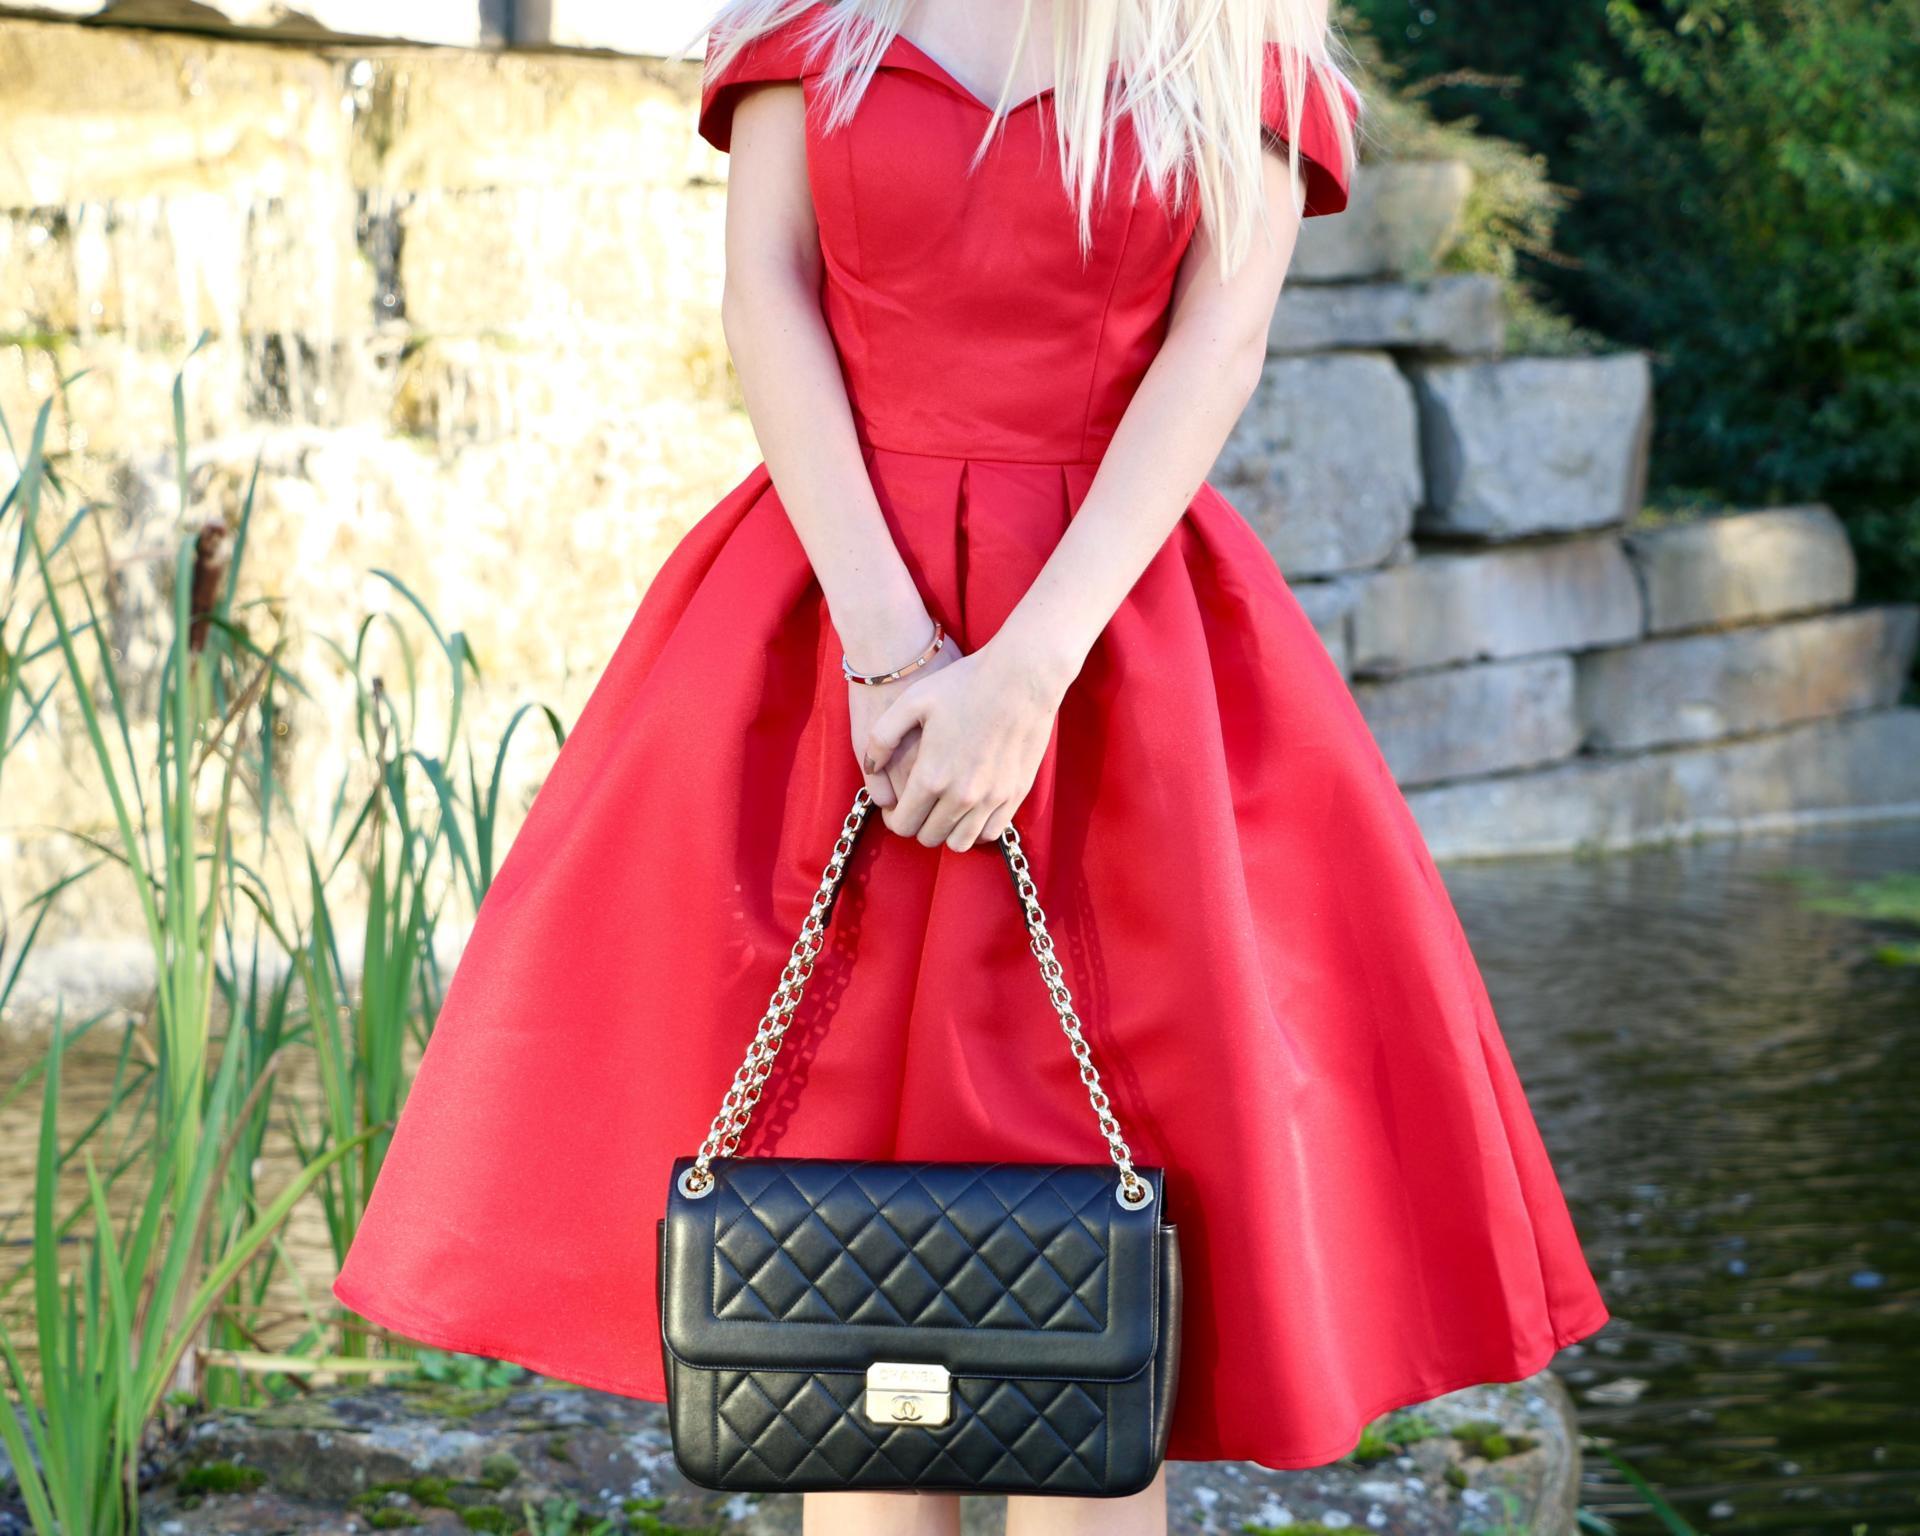 chanel-classic-flap-bag-vintage-clasp